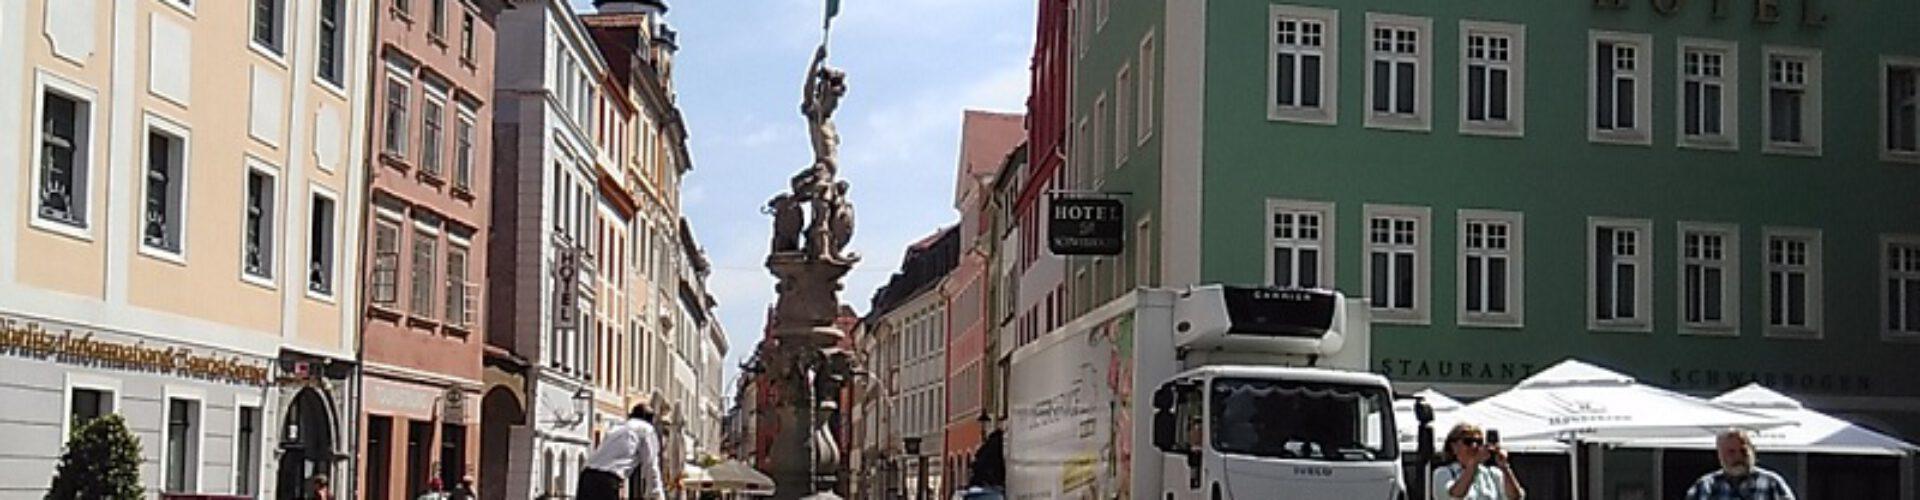 Görlitz-1920x500.jpg